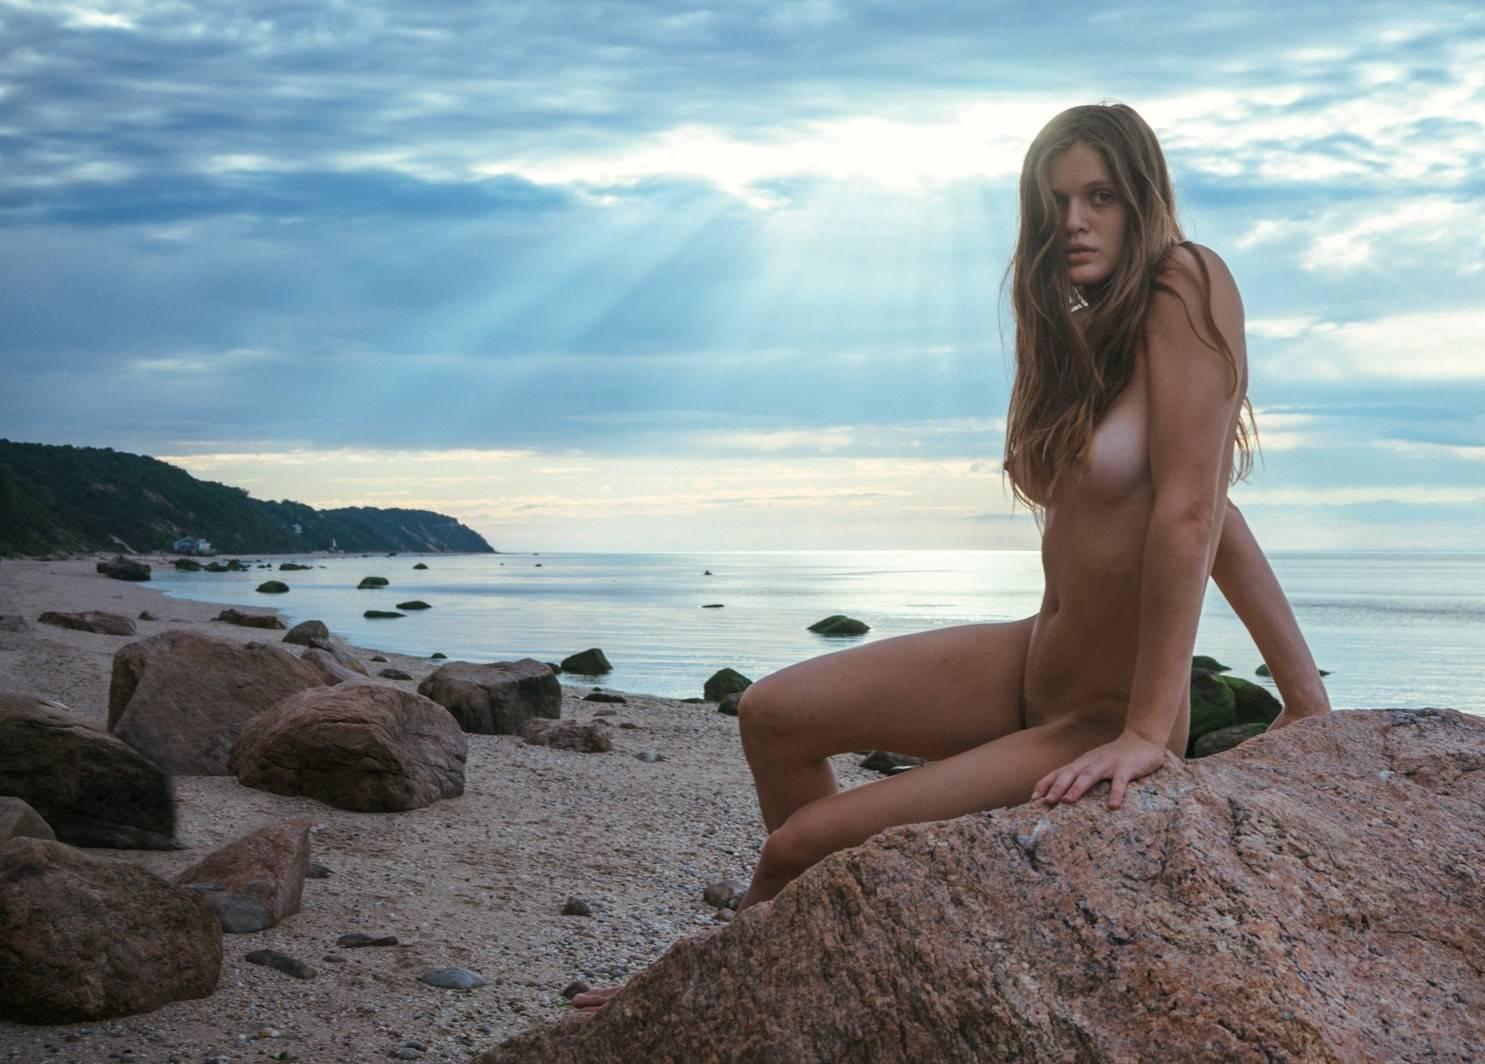 любительское видео и фото девушек с диких пляжей девки представлены